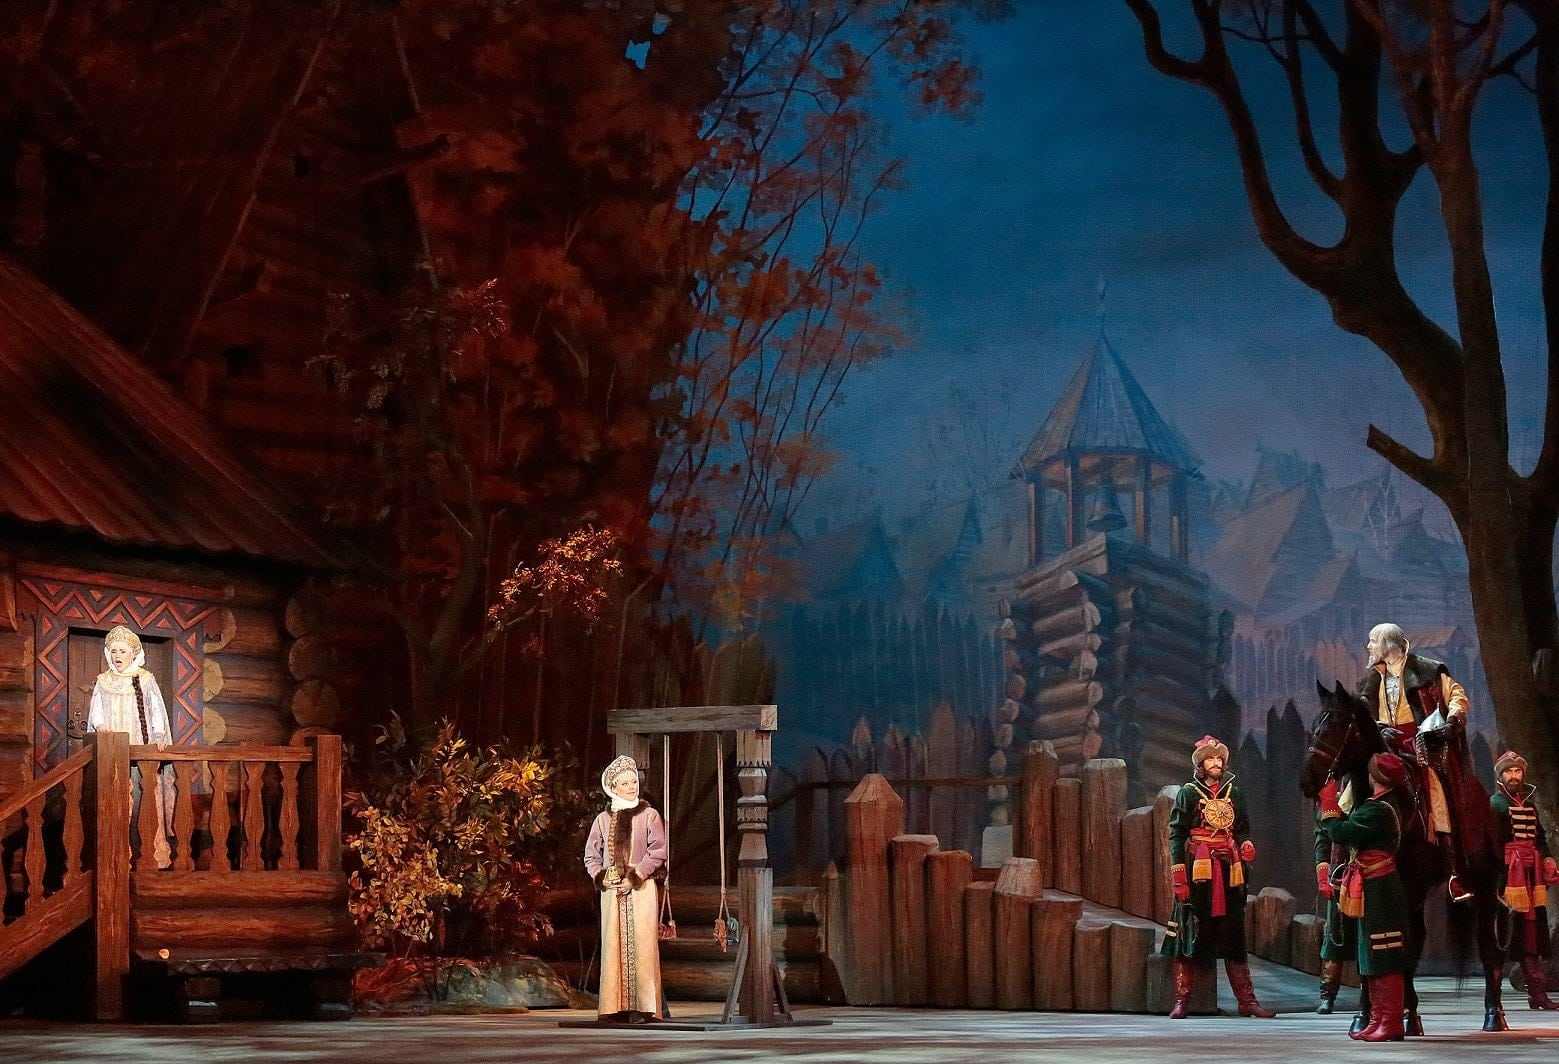 """Сцена из оперы Римского-Корсакова """"Царская невеста"""", Большой театр. Фото - Дамир Юсупов"""